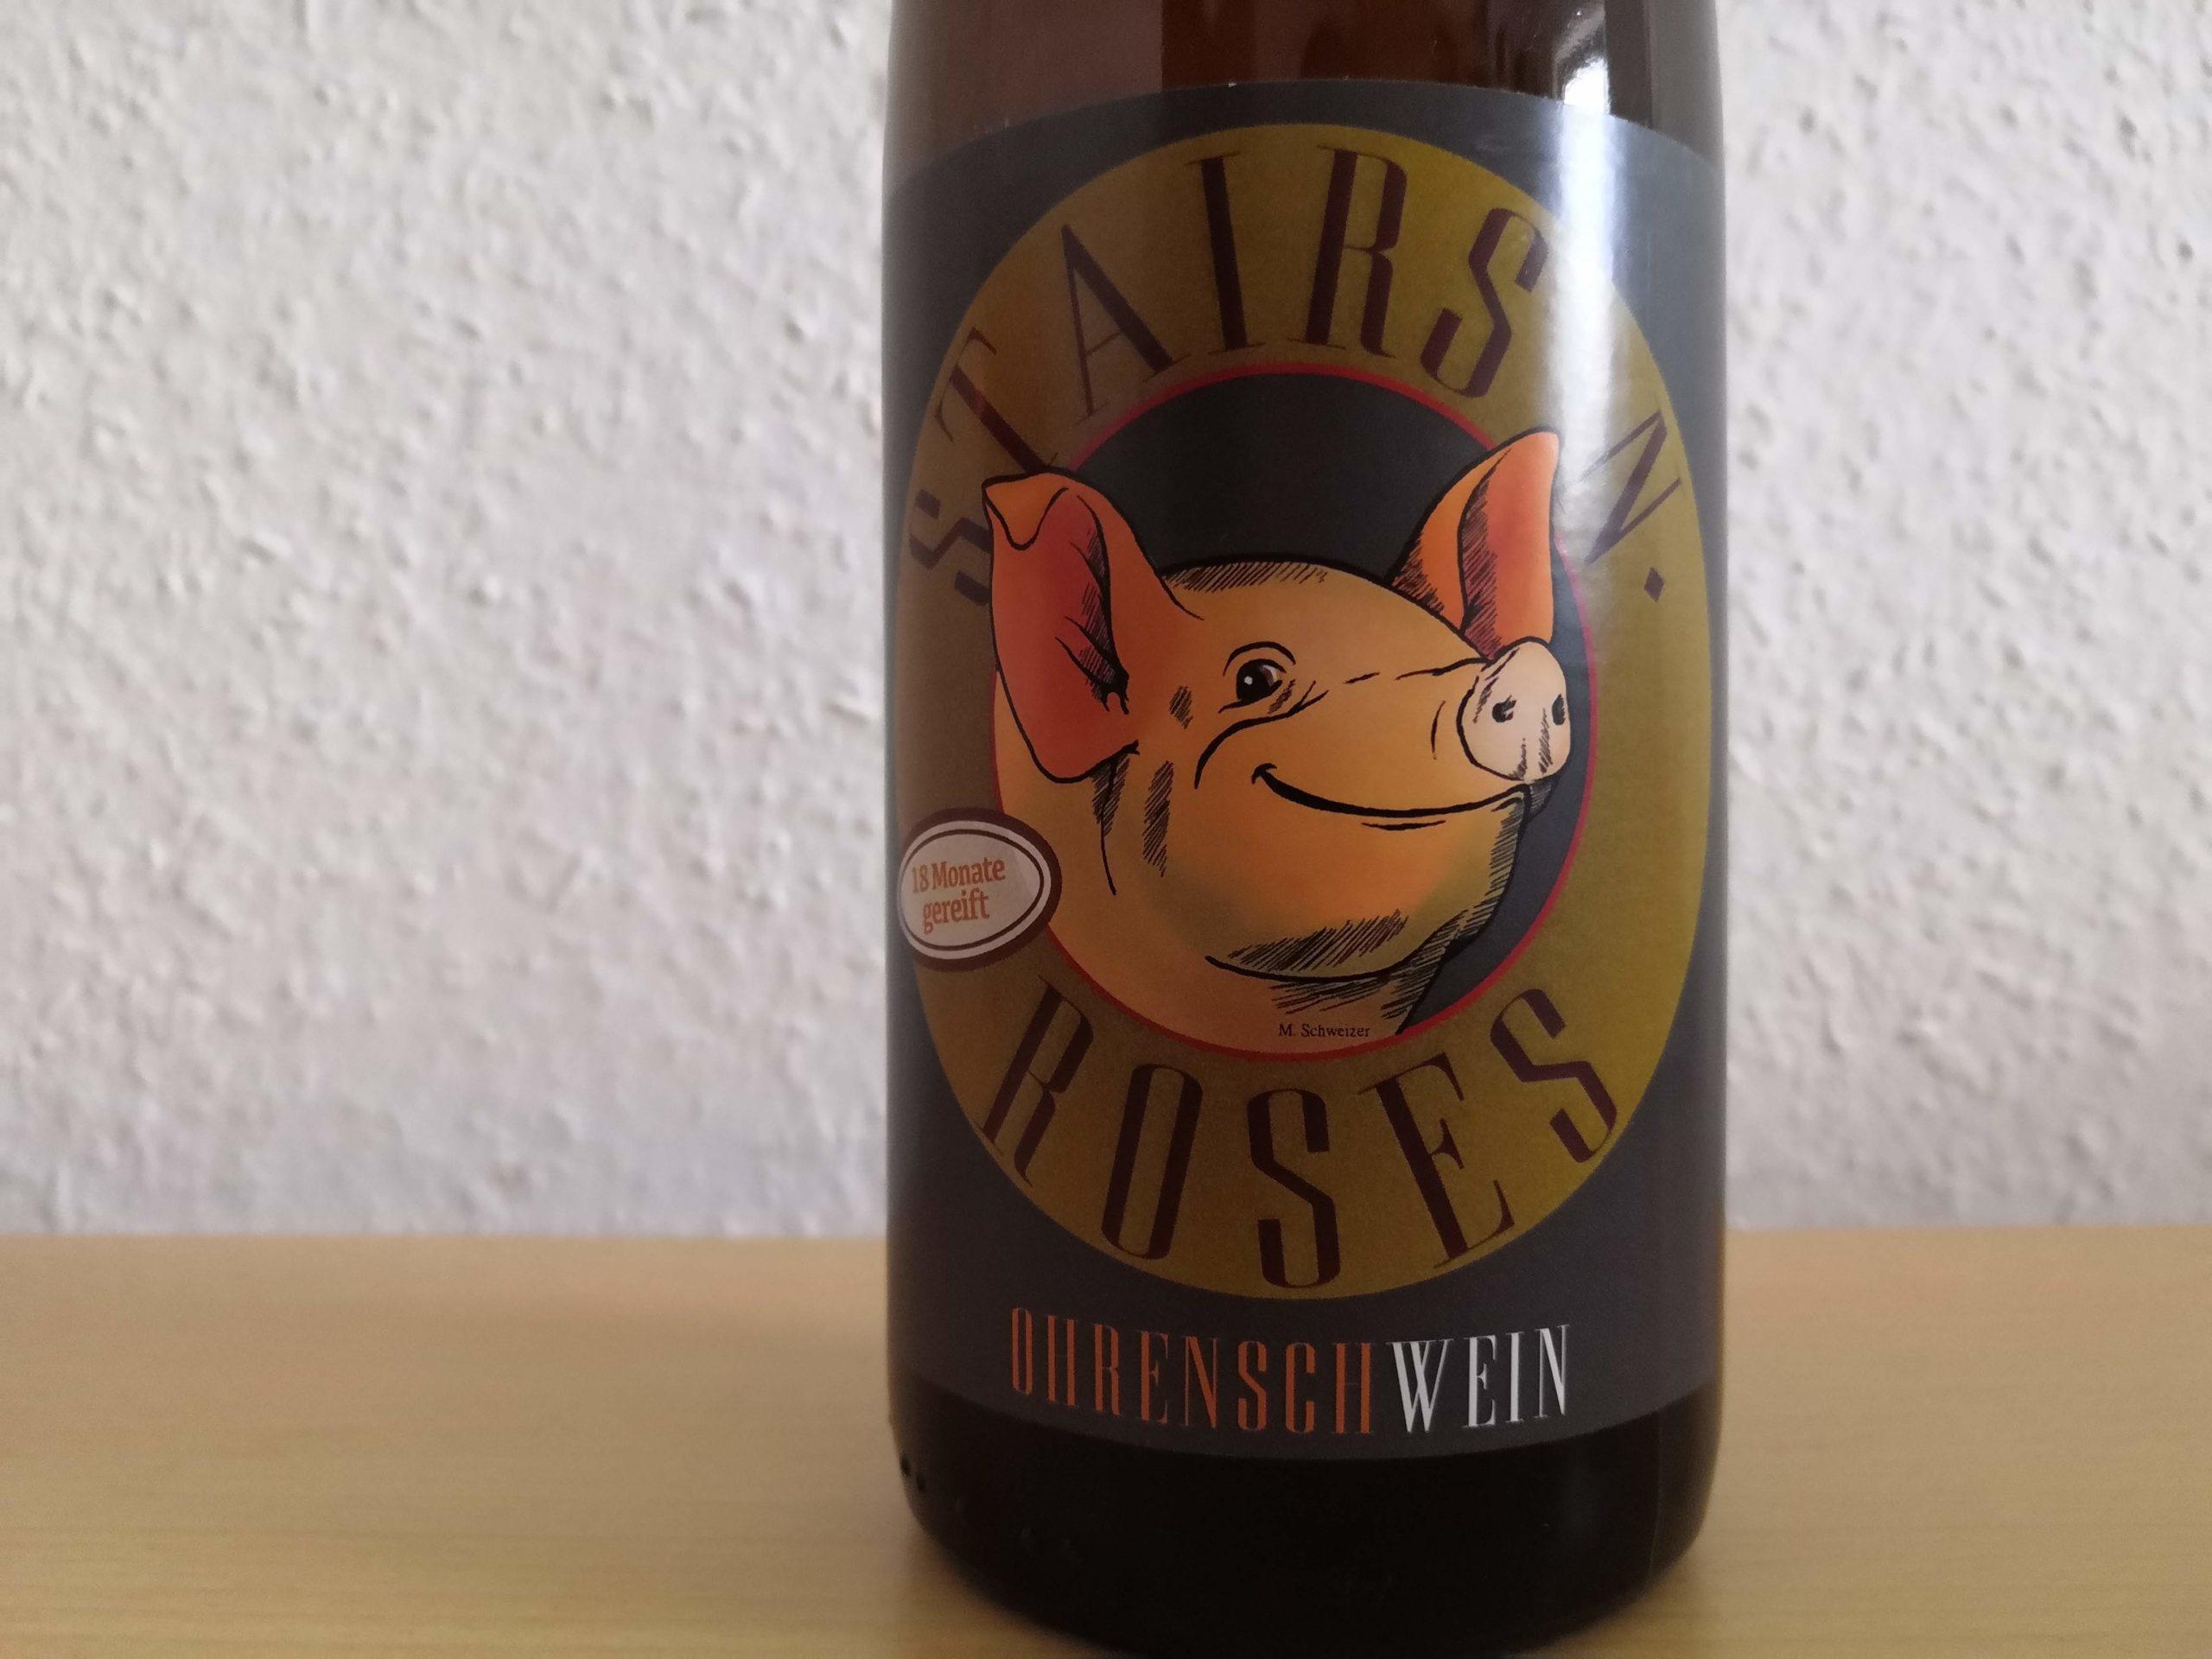 2018er Ohrenschwein